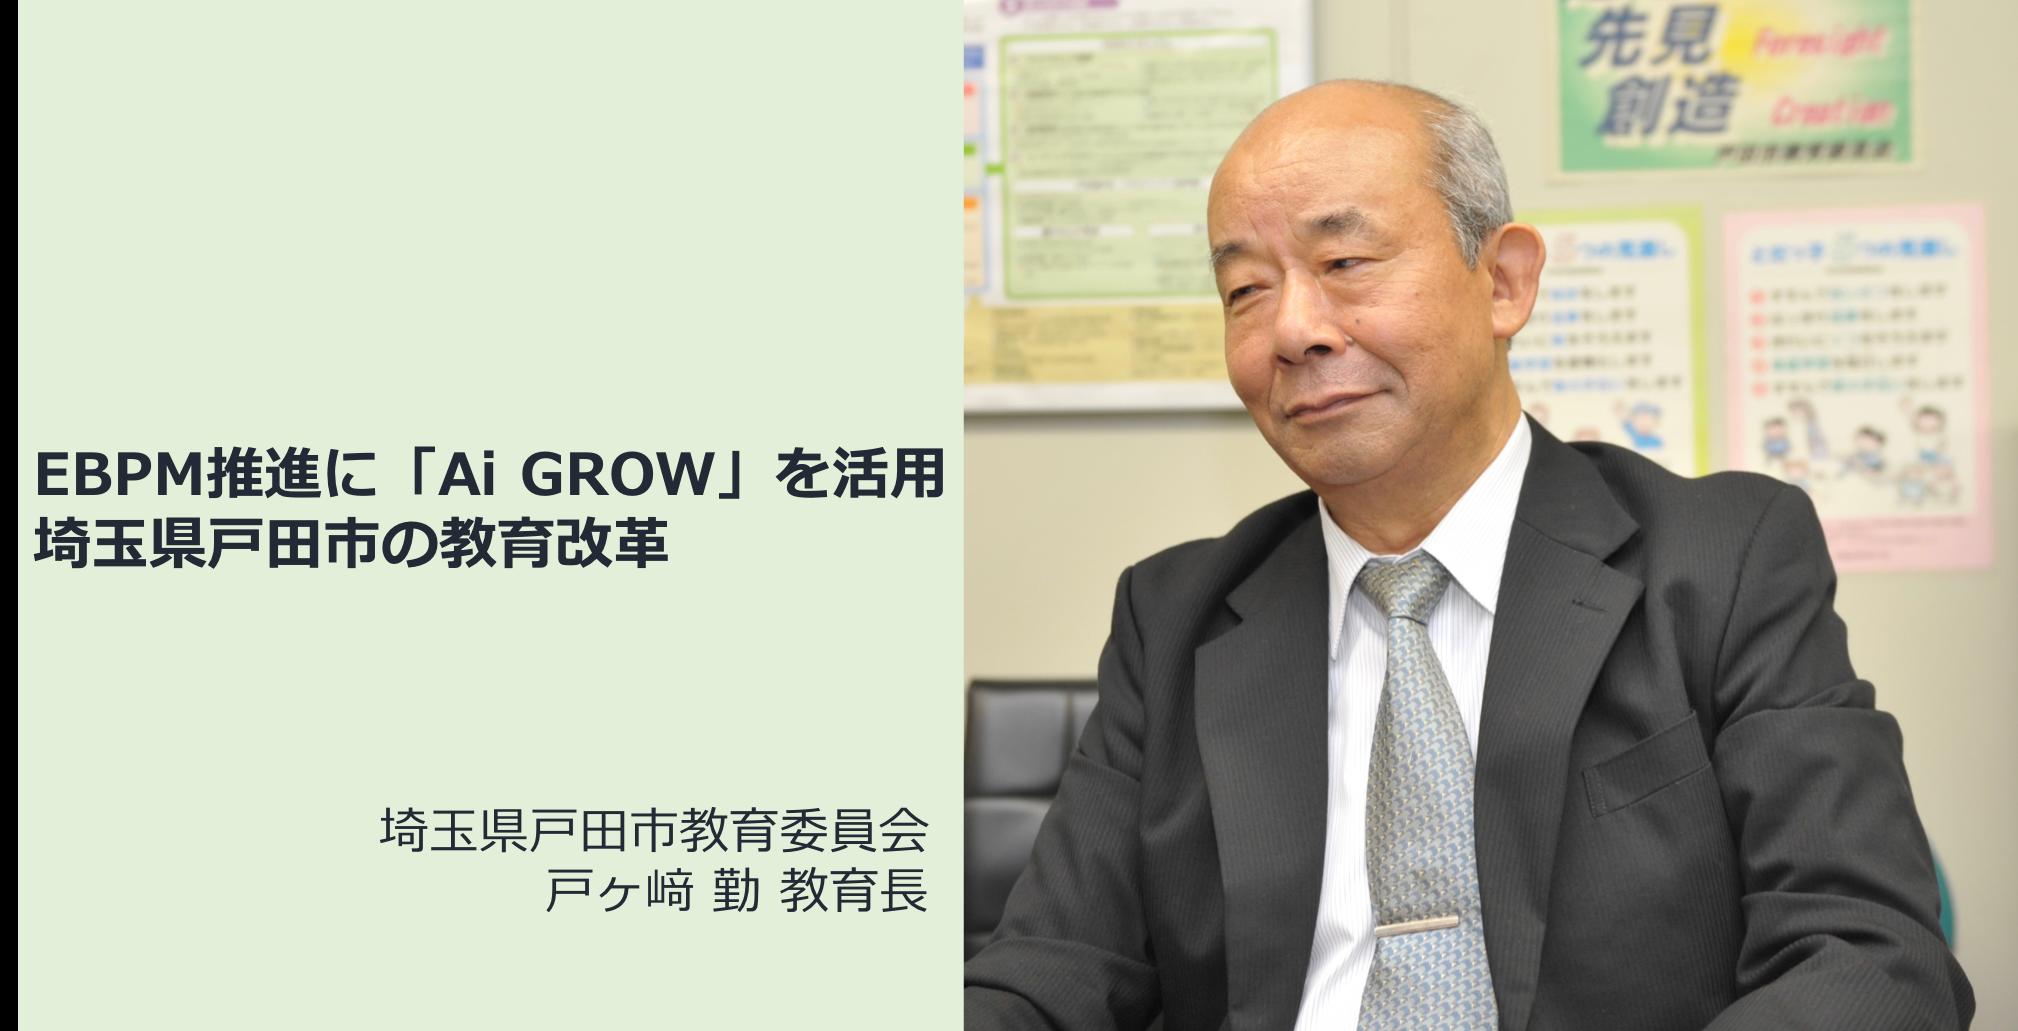 EBPM推進に「Ai GROW」を活用 -埼玉県戸田市の教育改革